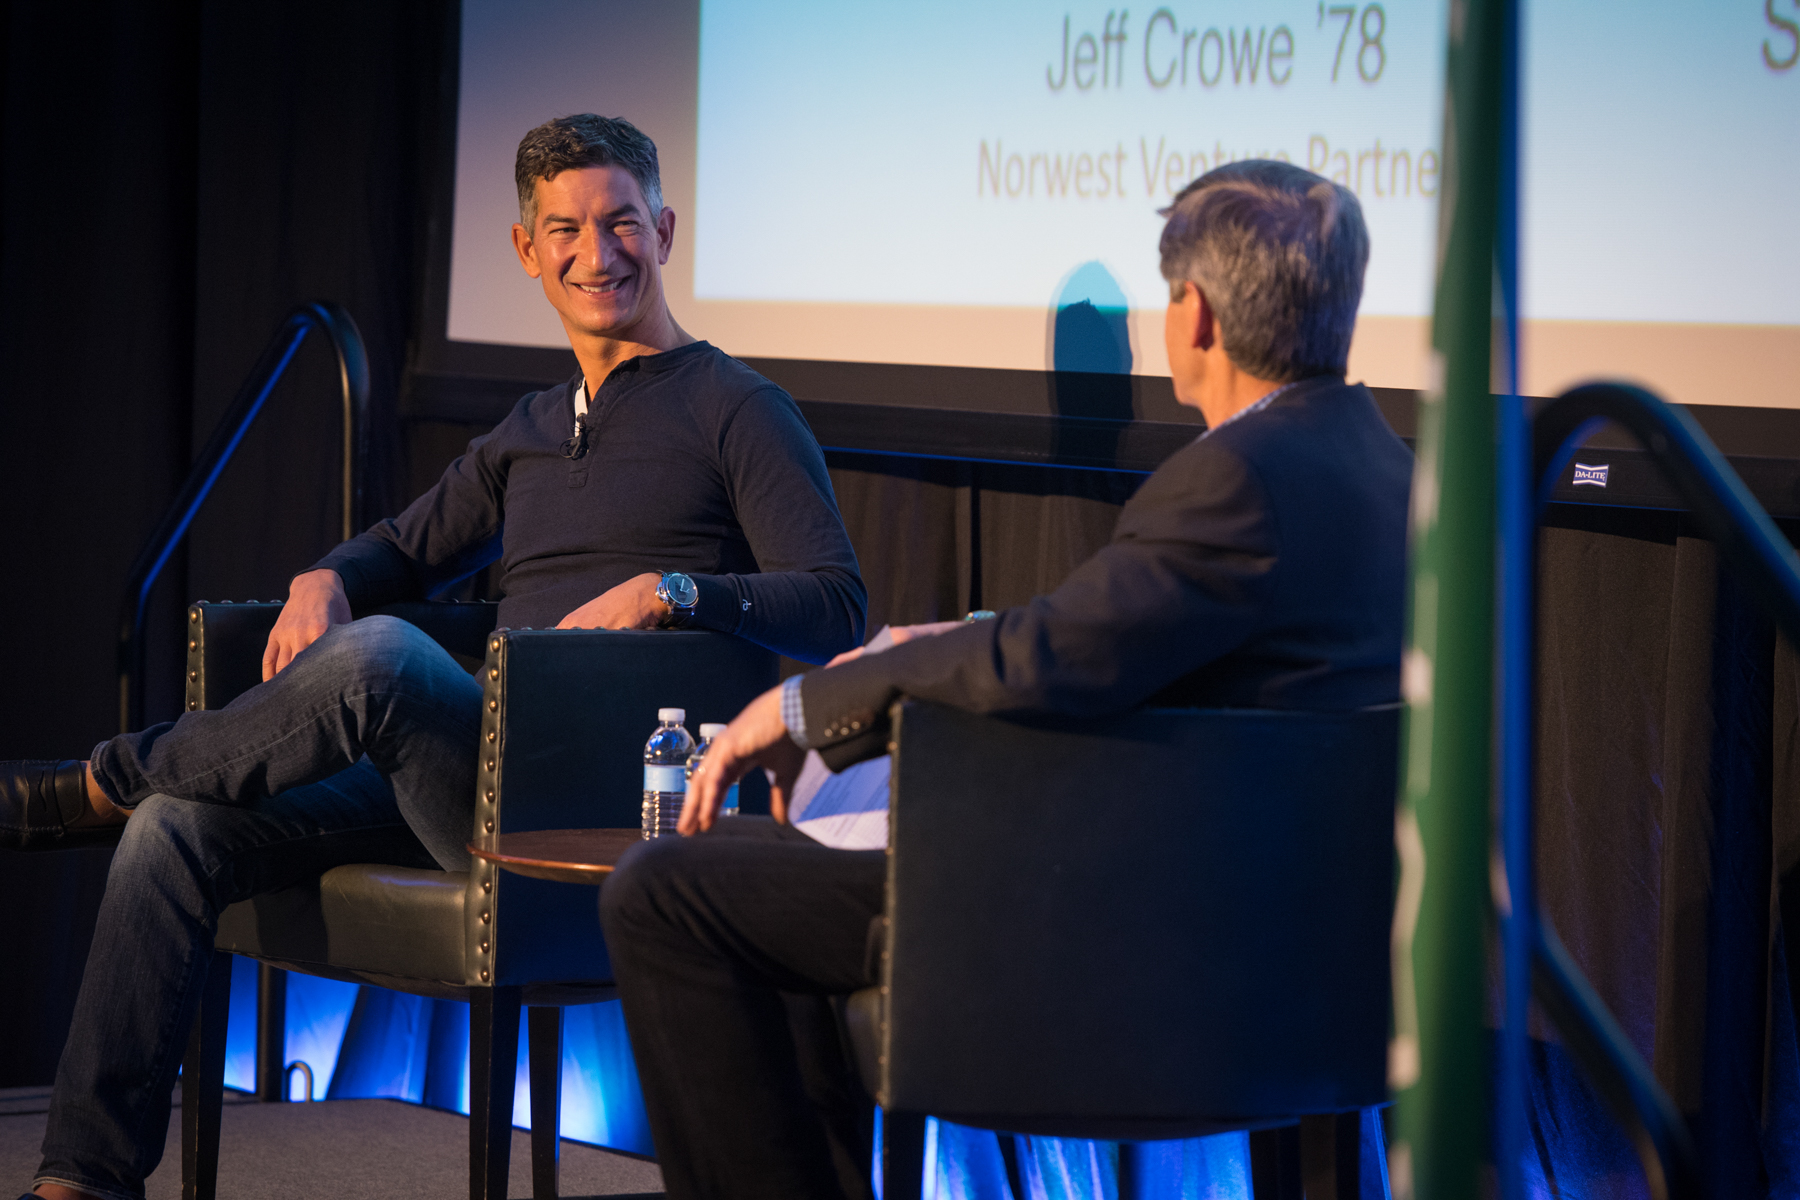 Steve Hafner and Jeff Crowe